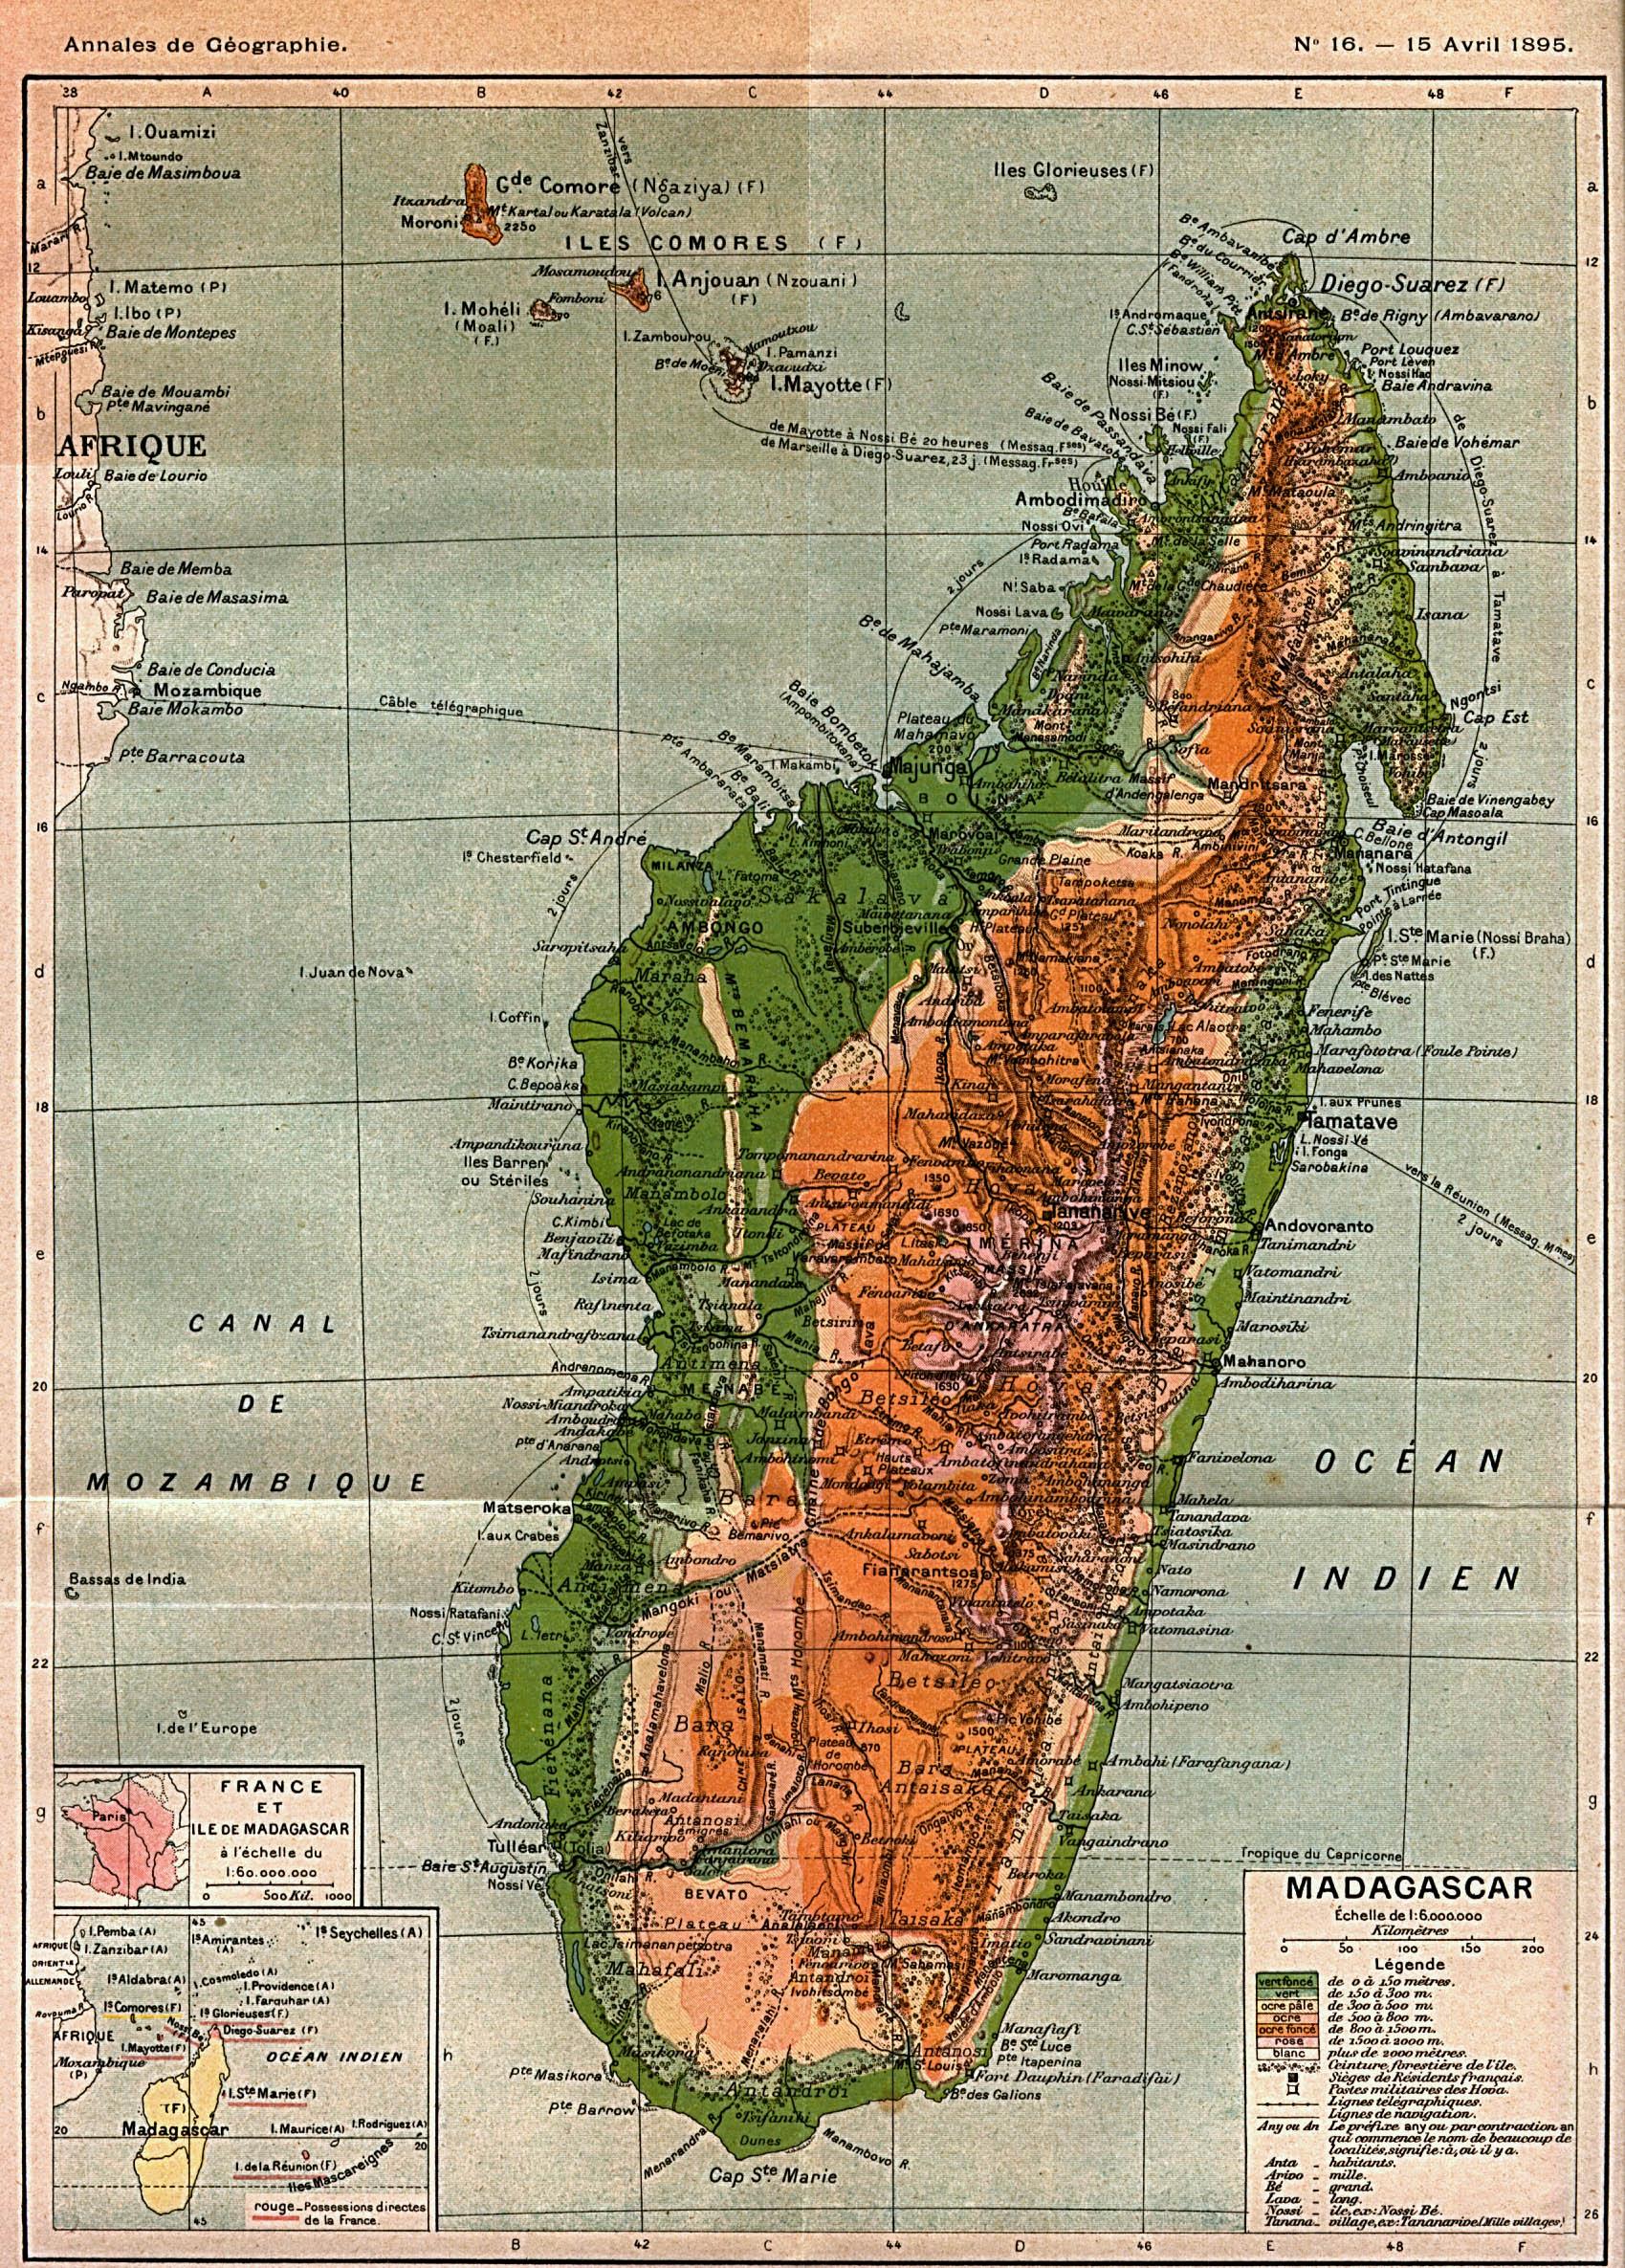 Mapa de Madagascar 1895